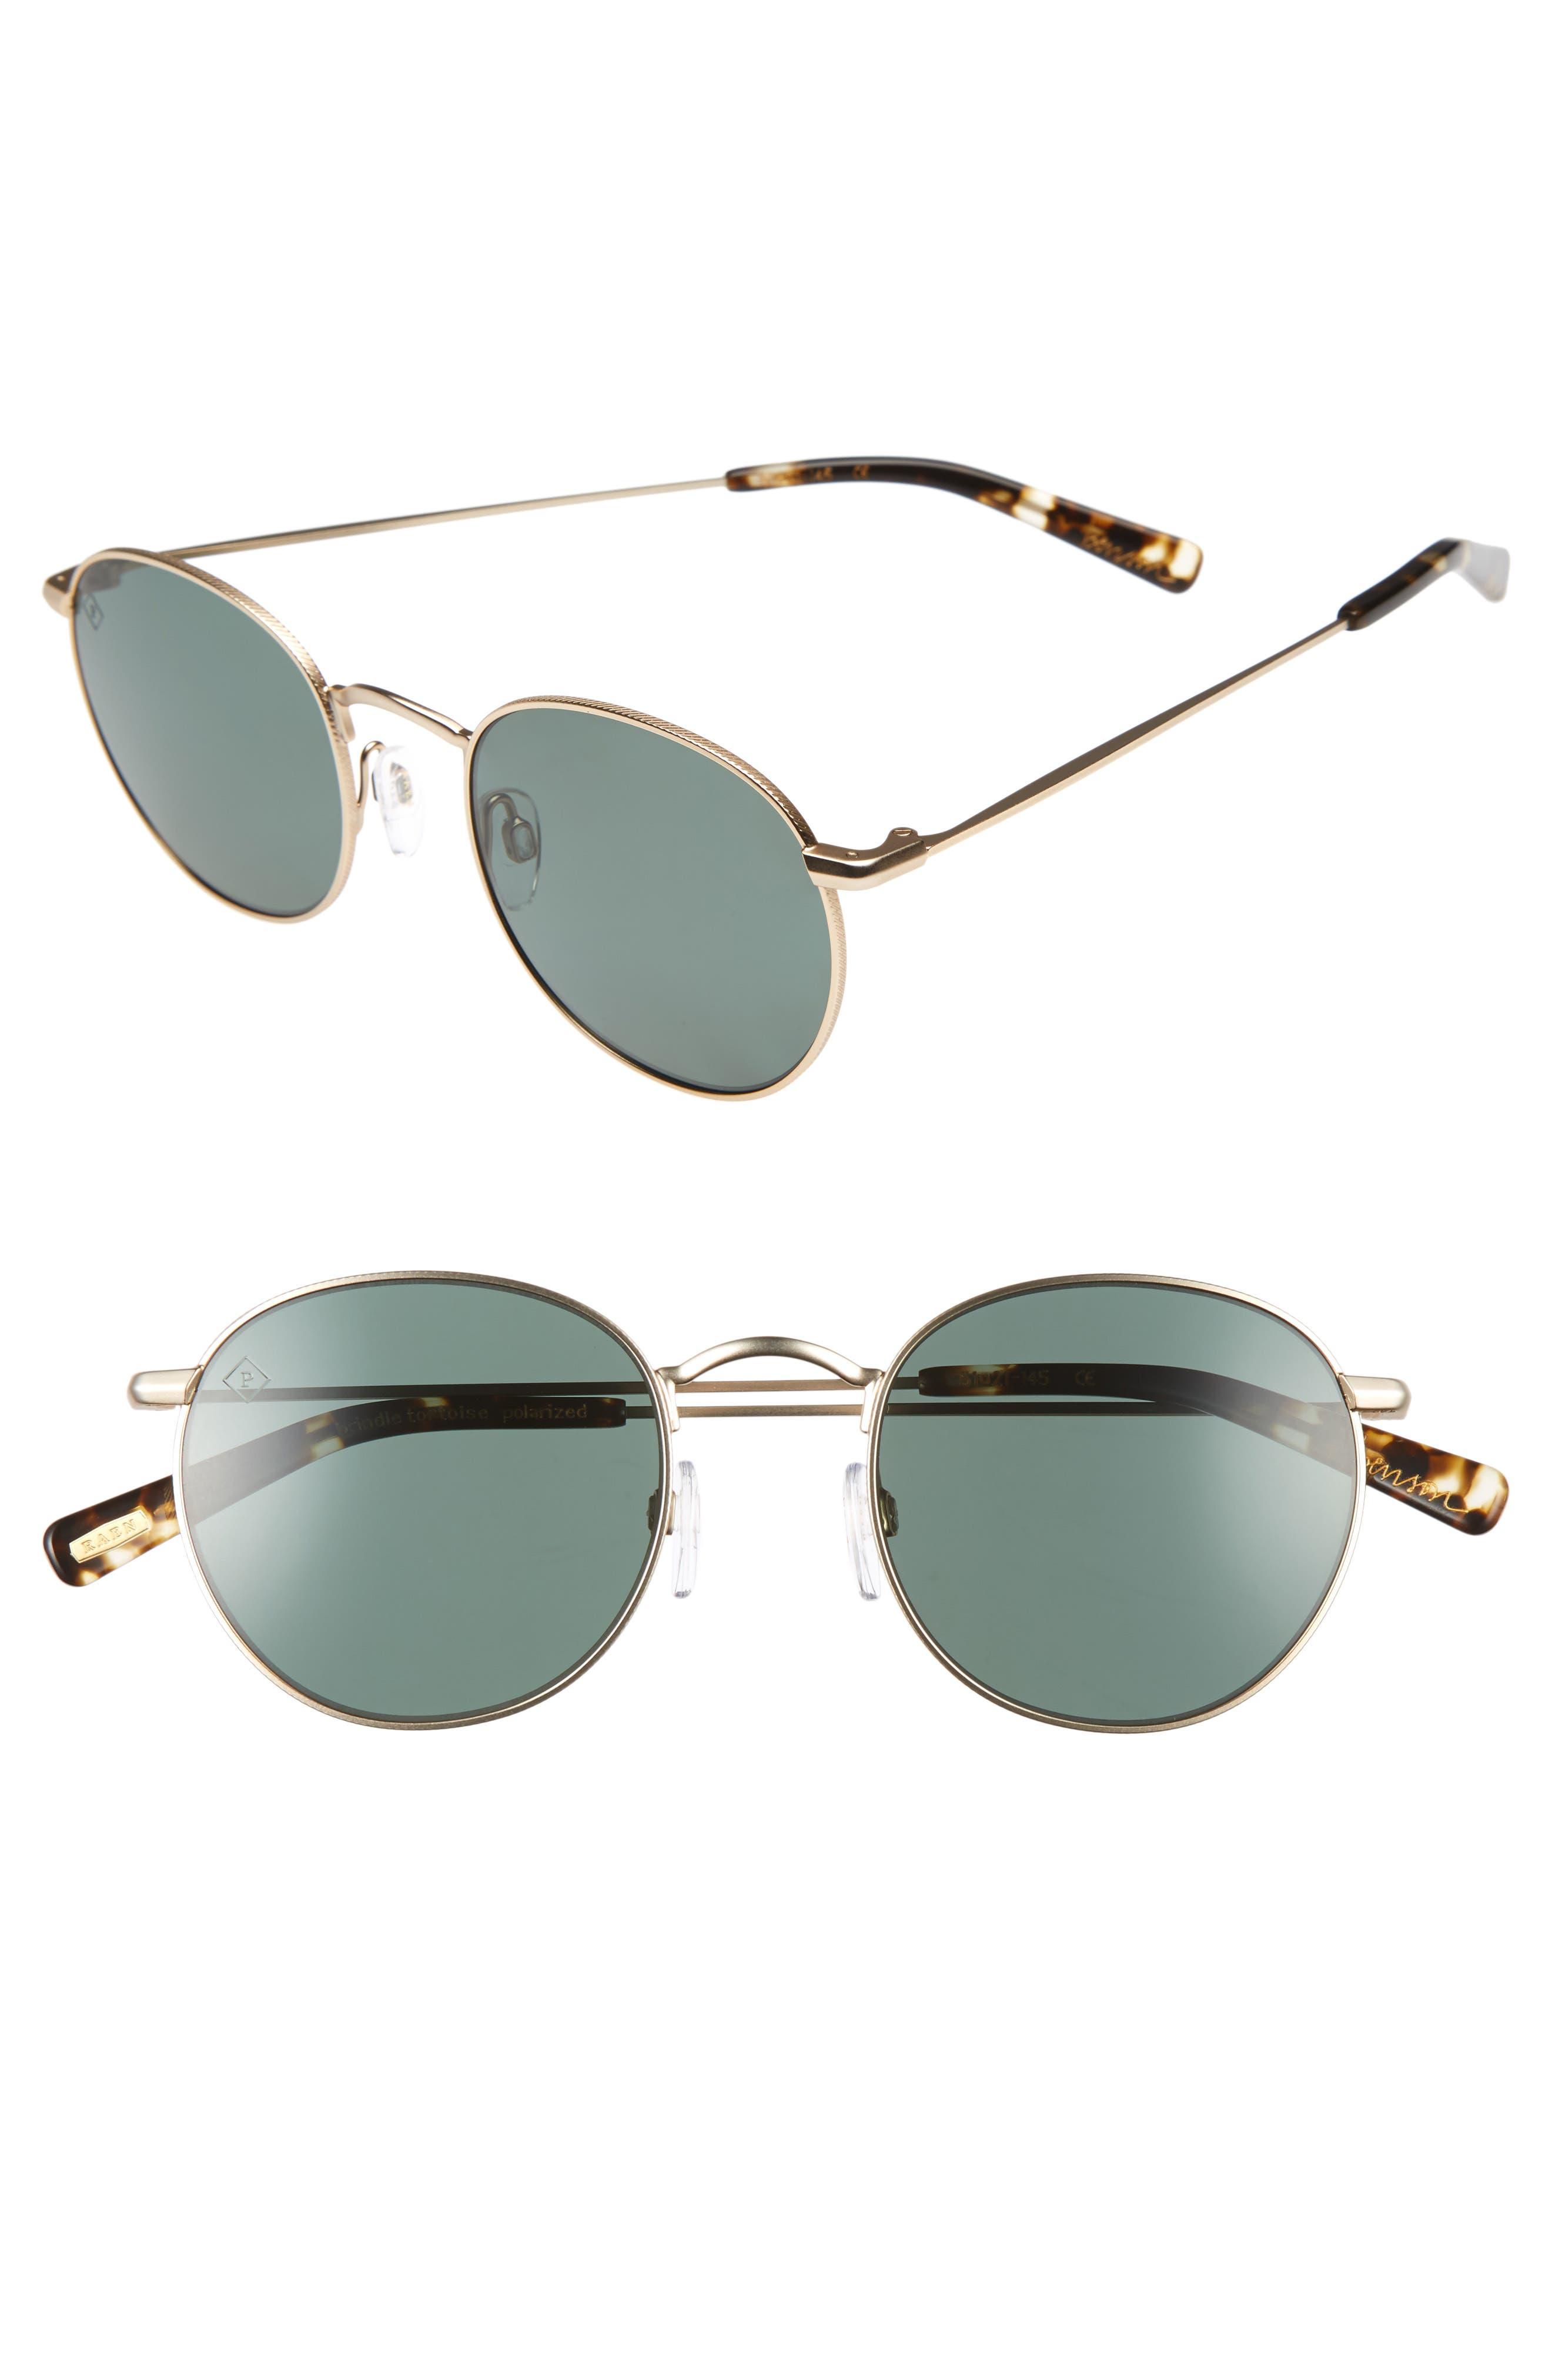 Benson 51mm Polarized Sunglasses,                             Main thumbnail 1, color,                             710